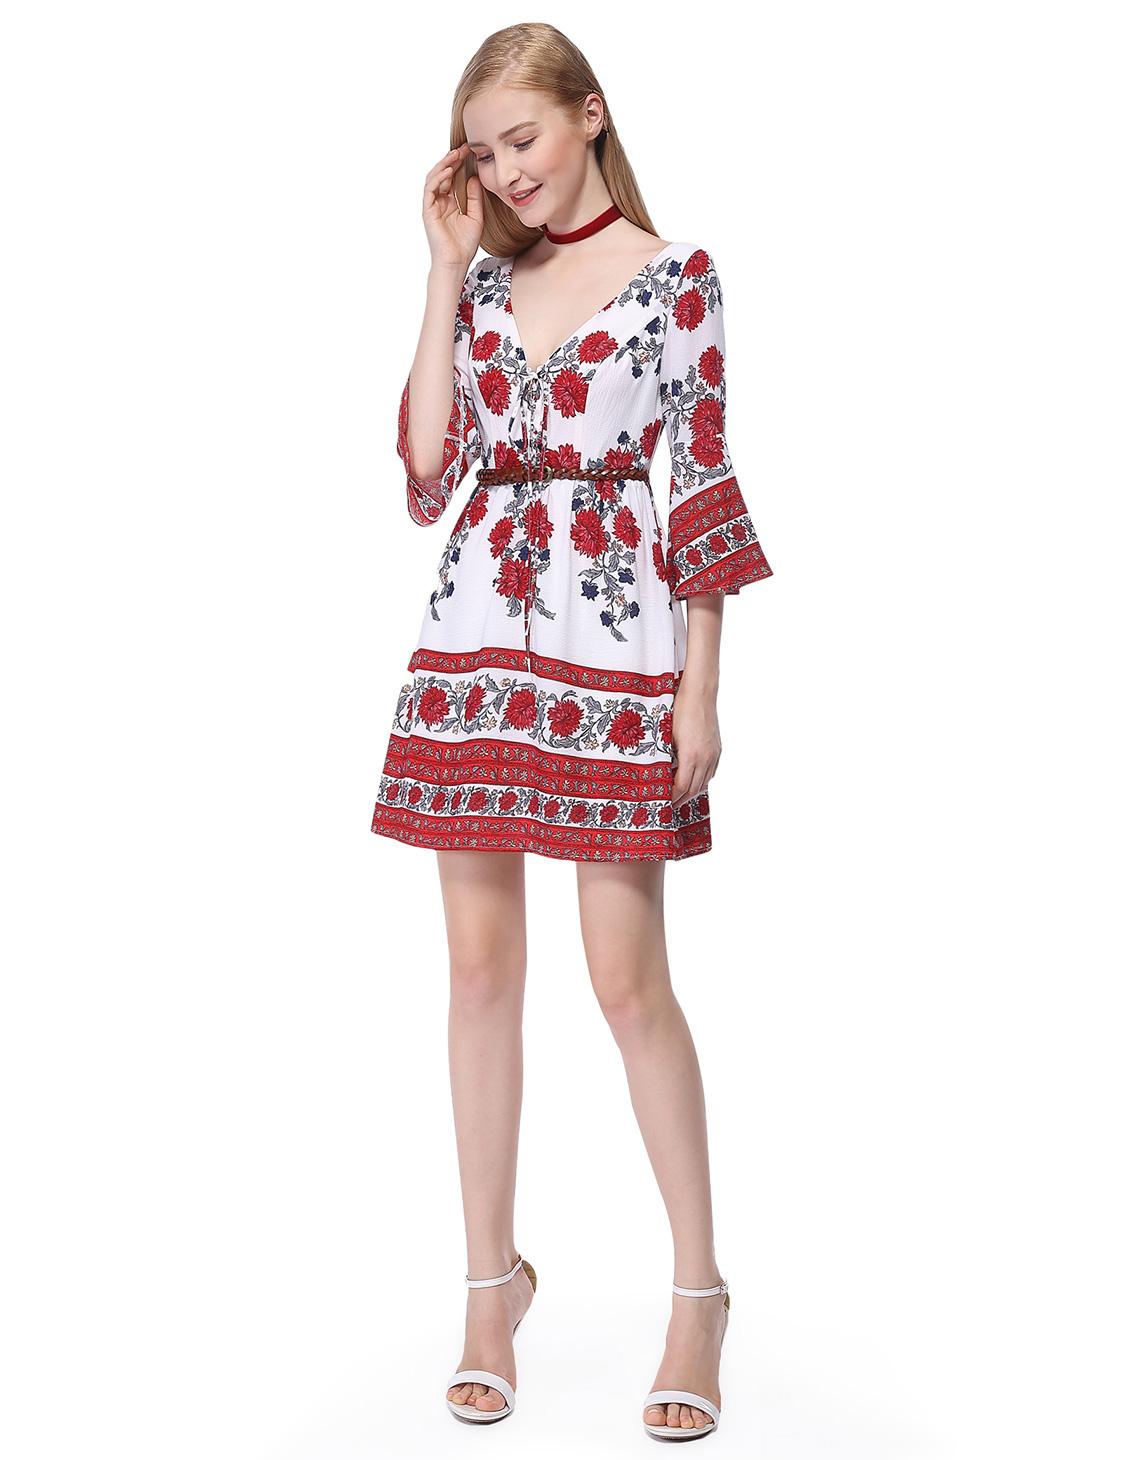 alisapan damen kurz rot sommer freizeit kleider 05657 ebay. Black Bedroom Furniture Sets. Home Design Ideas